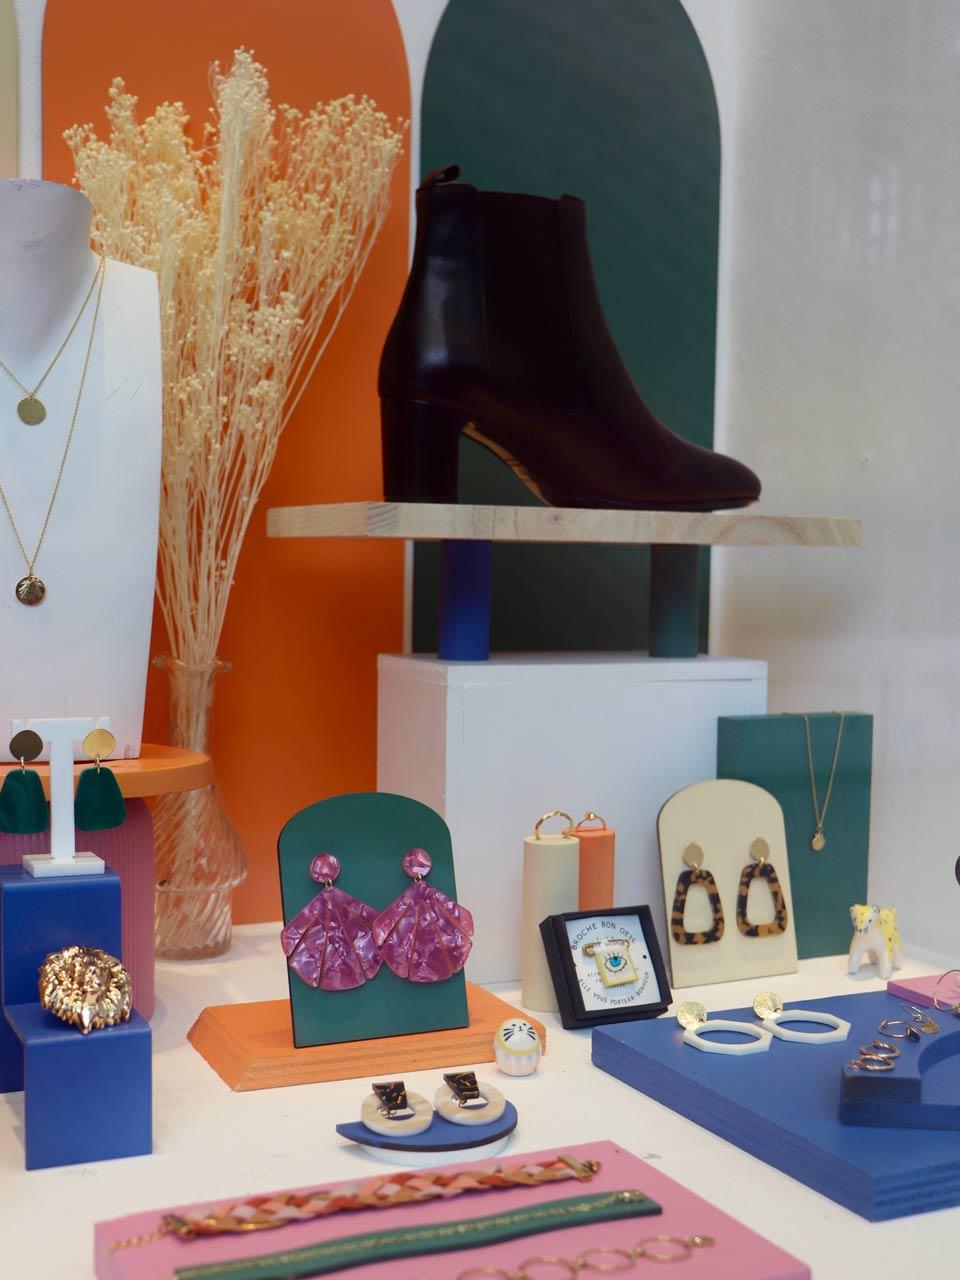 sept-cinq-boutique-paris-display